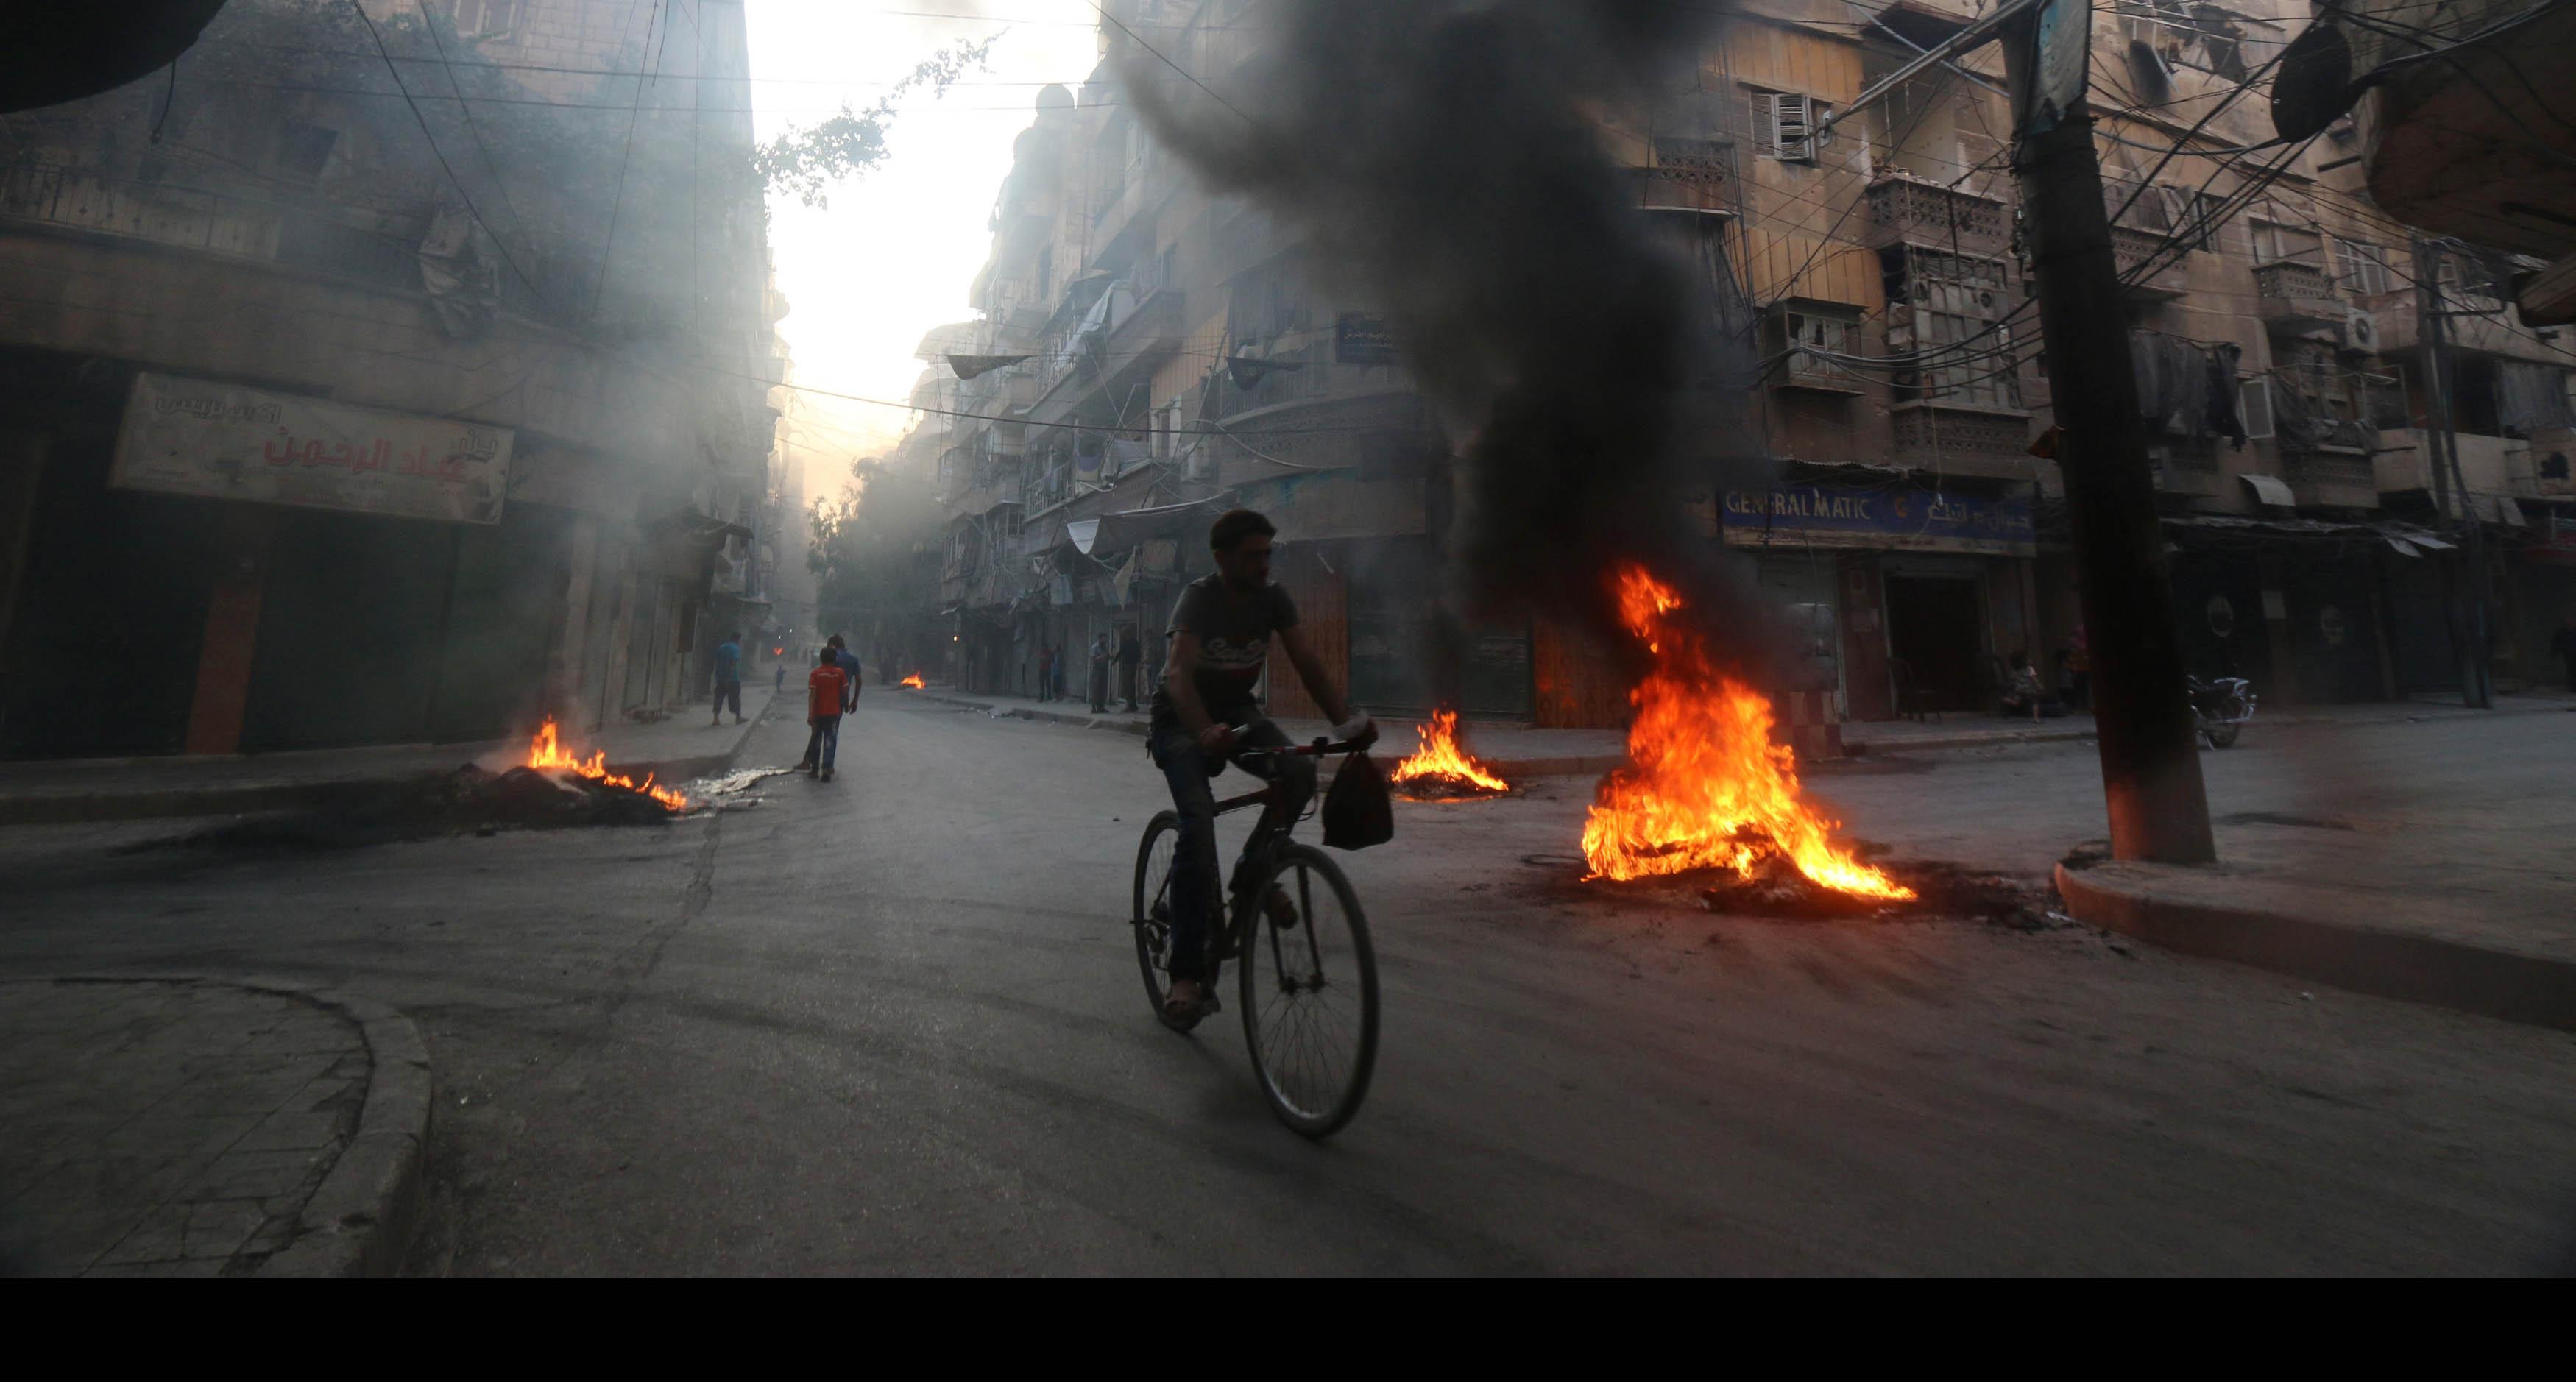 Los grupos de insurgentes se encuentran atacando dos barriadas de la ciudad Siria en su intento de conquistar más territorios